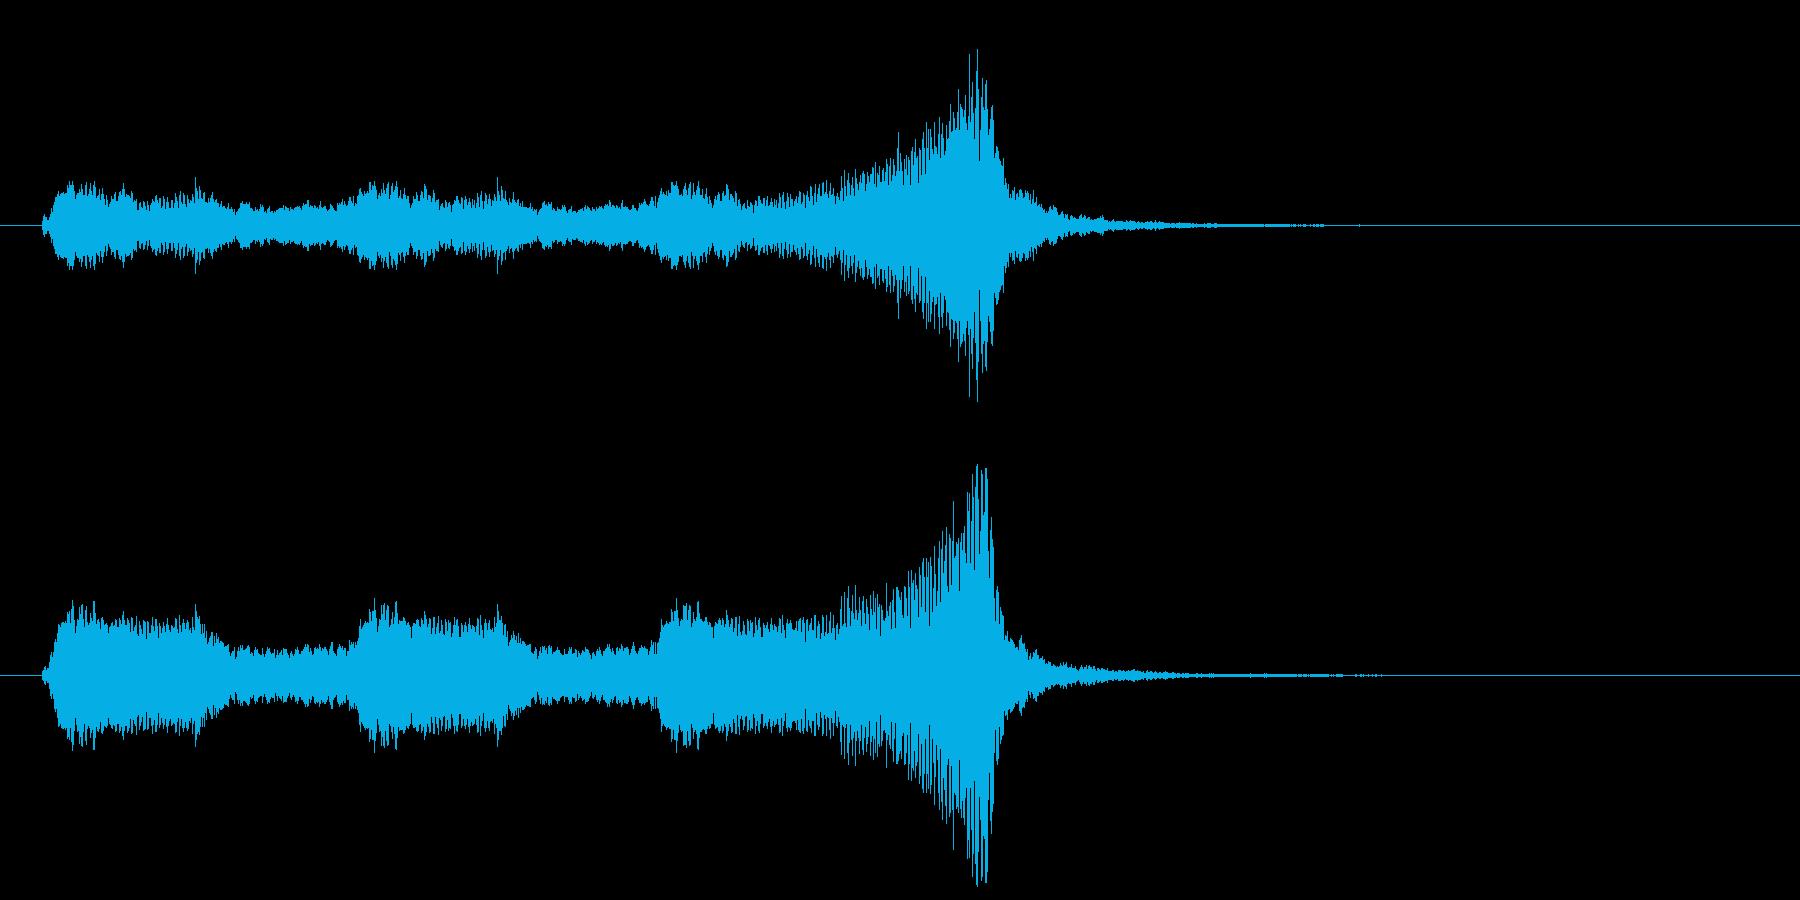 懐かしのアメリカアニメ映画風ジングル2の再生済みの波形